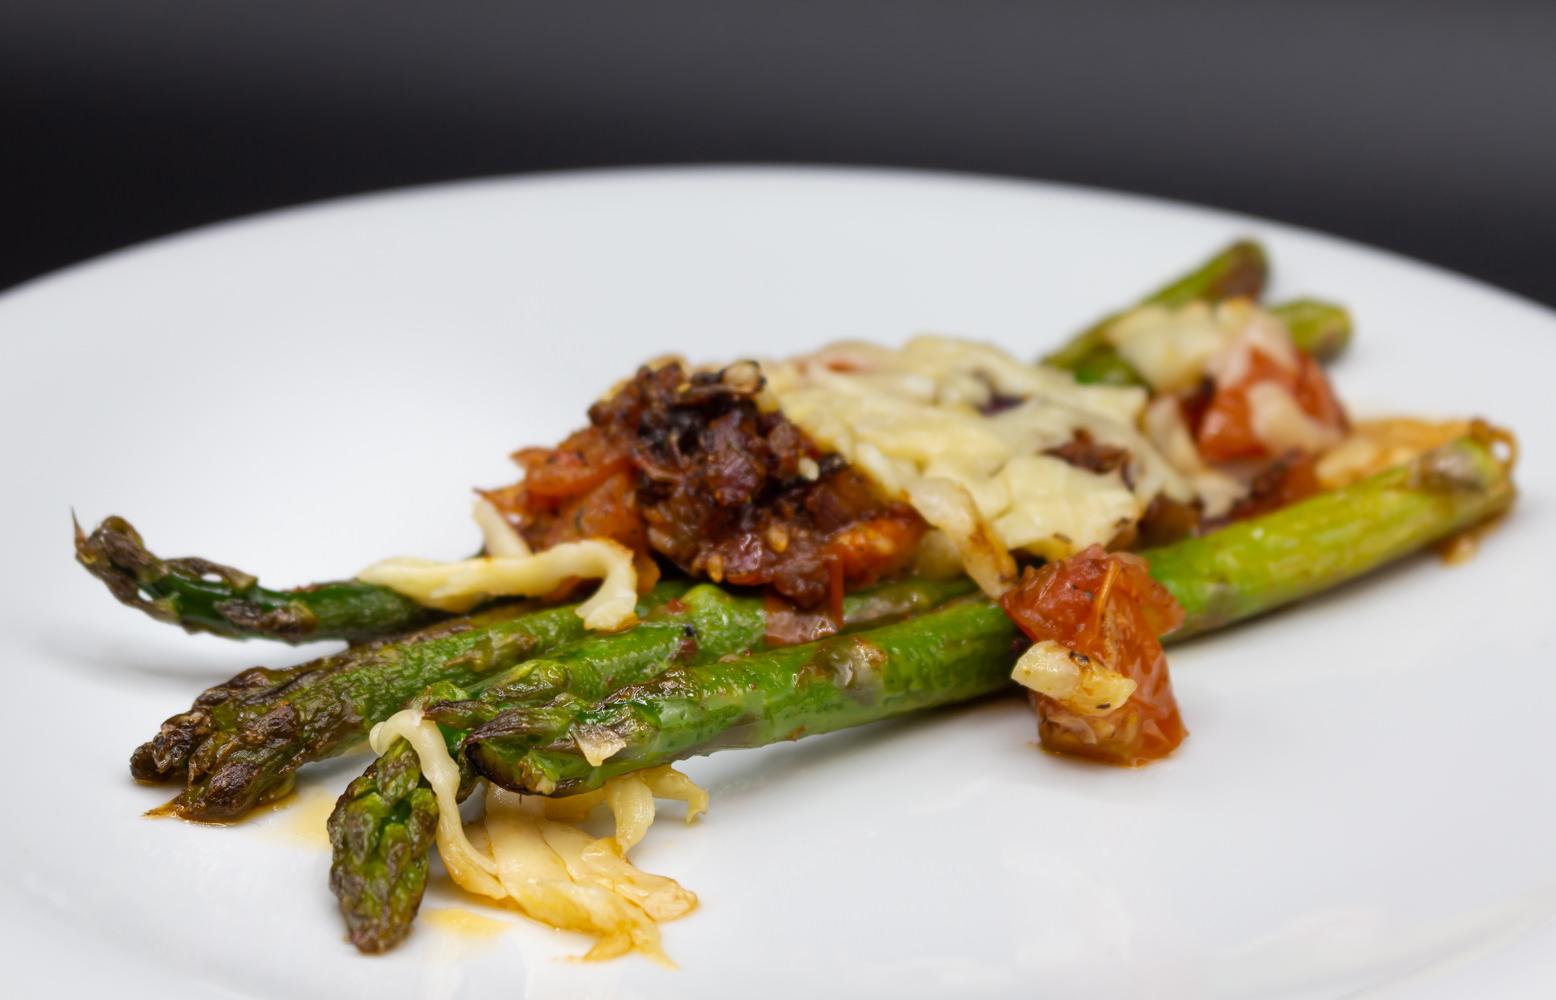 Eine schnelle Nummer a la Henssler: Gratinierter grüne Spargel mit Tomaten, roter Zwiebel und Parmesan